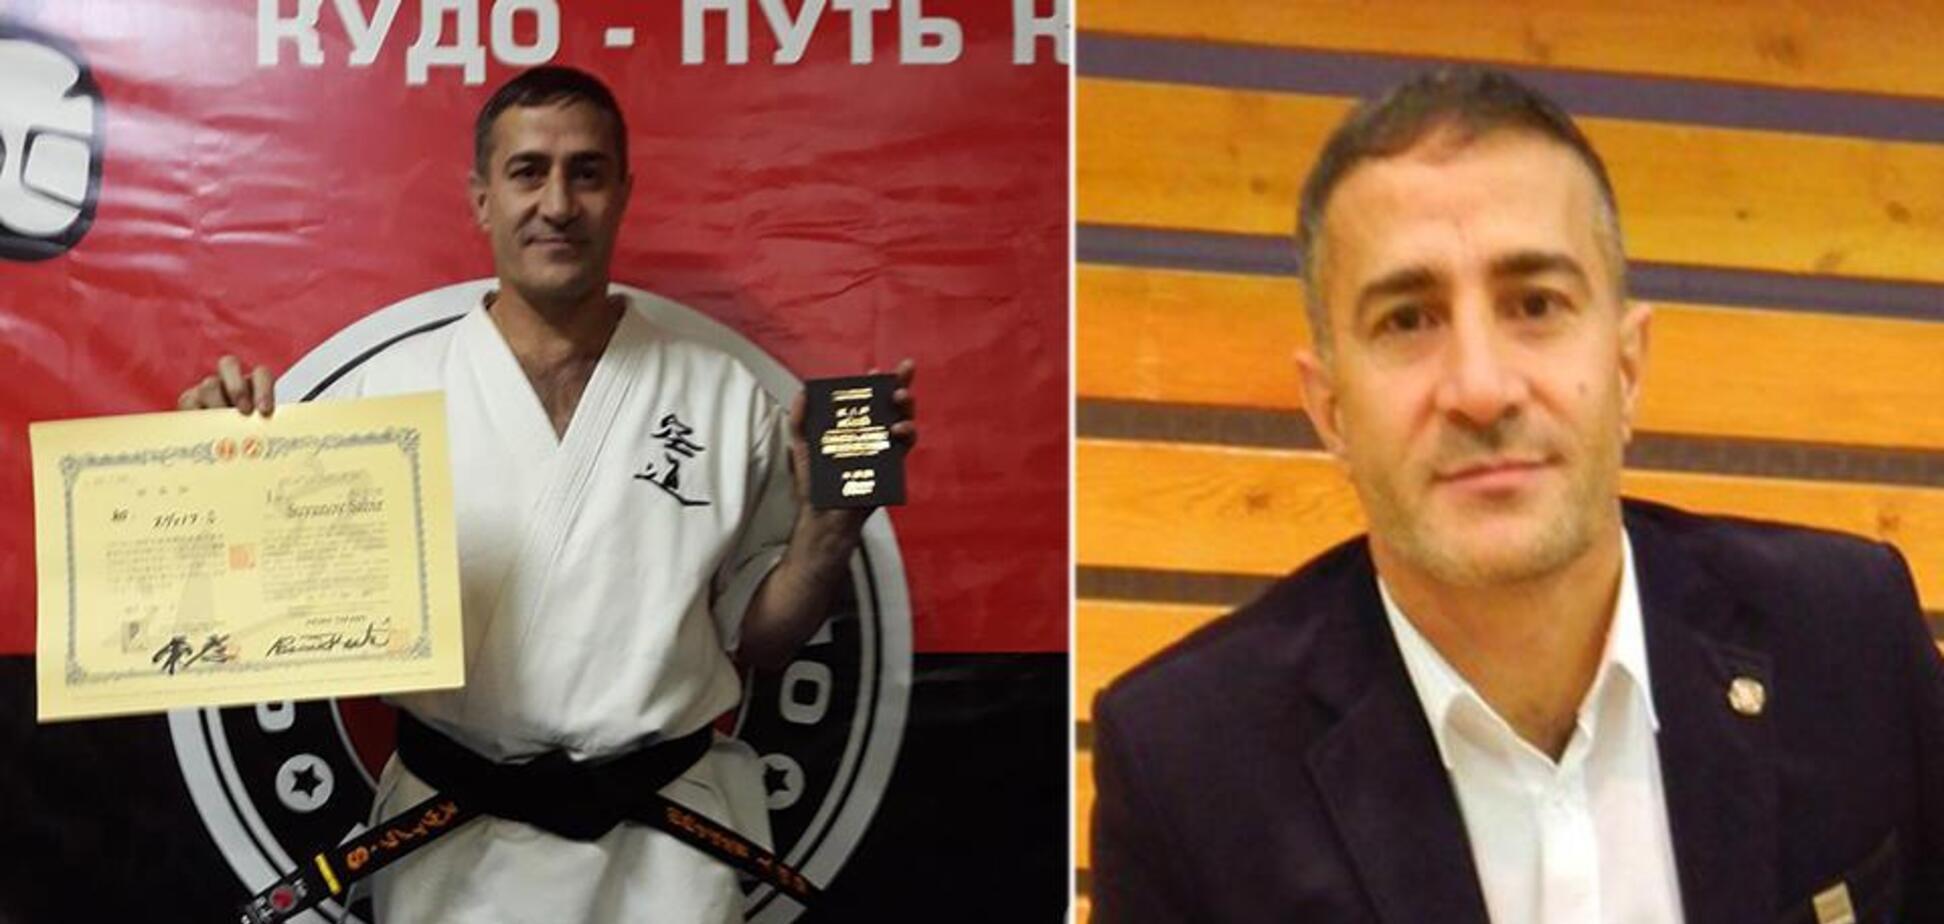 Надругался в спортзале: в России поймали тренера-педофила